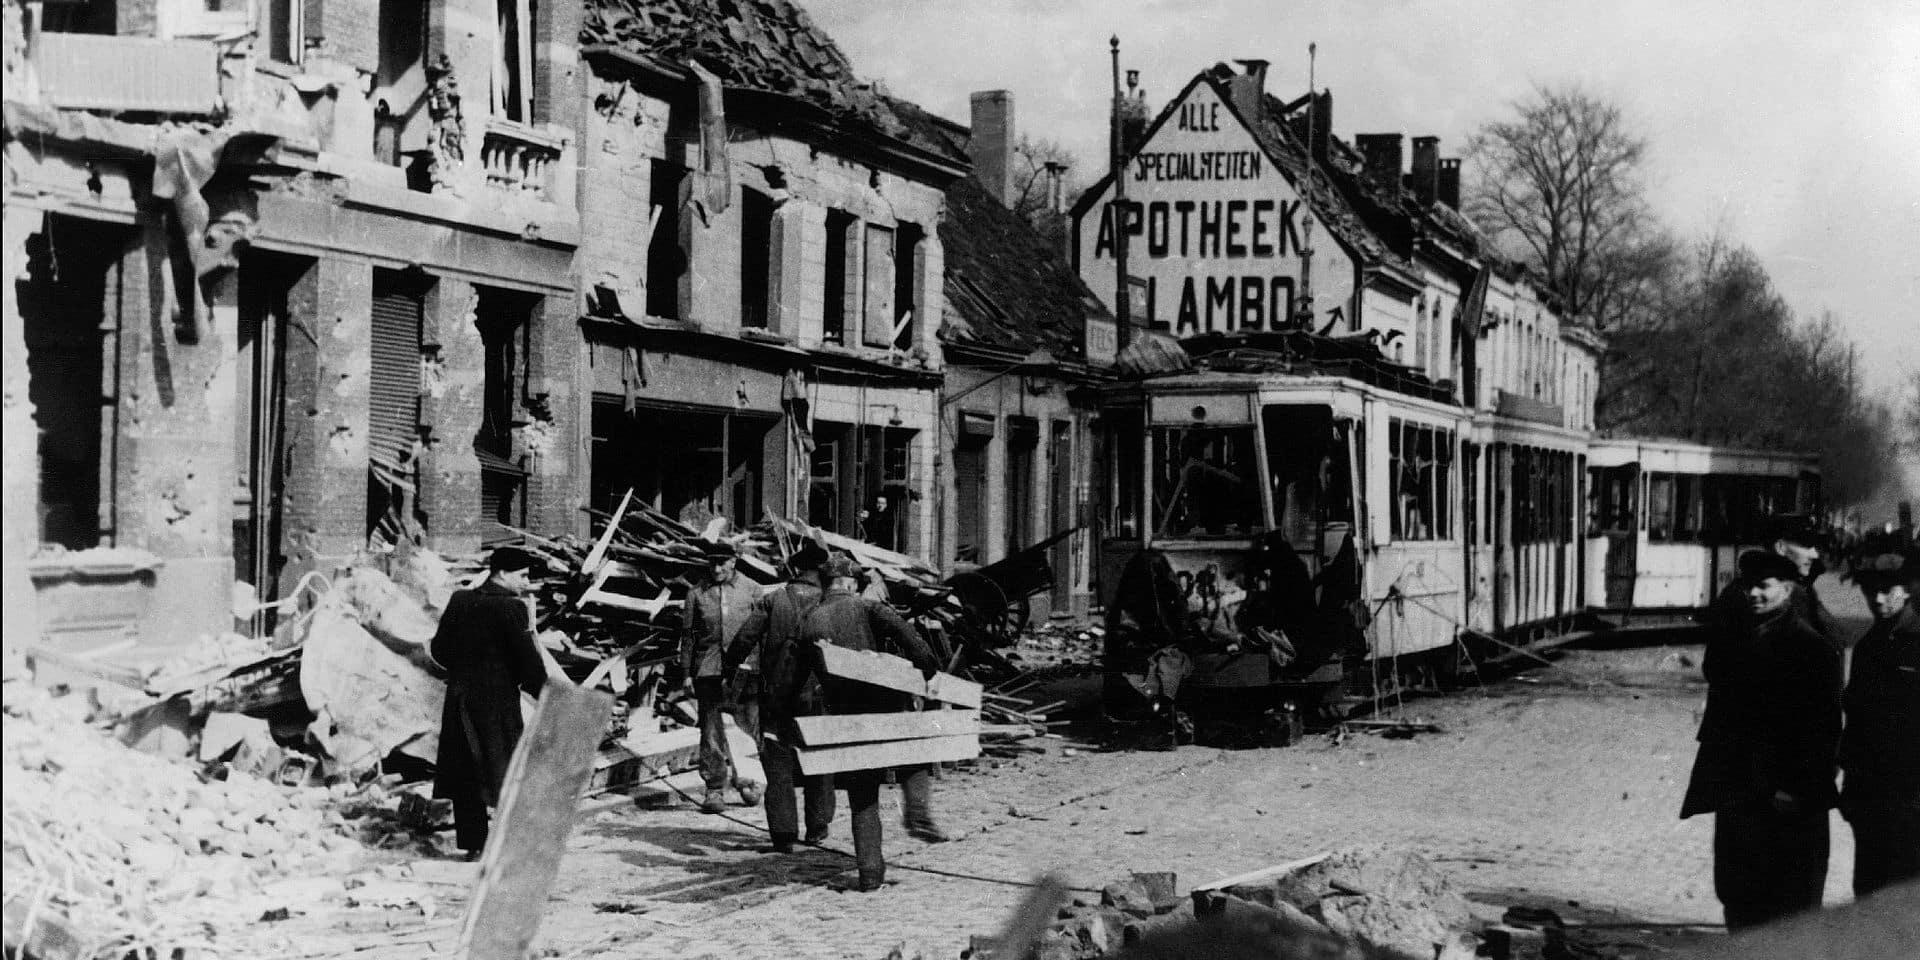 Les habitants d'Anvers en Belgique dans les decombres apres le bombardement intensif de leur ville par les avions allies le 5 avril 1943. PICTURE NOT INCLUDED IN THE CONTRACT